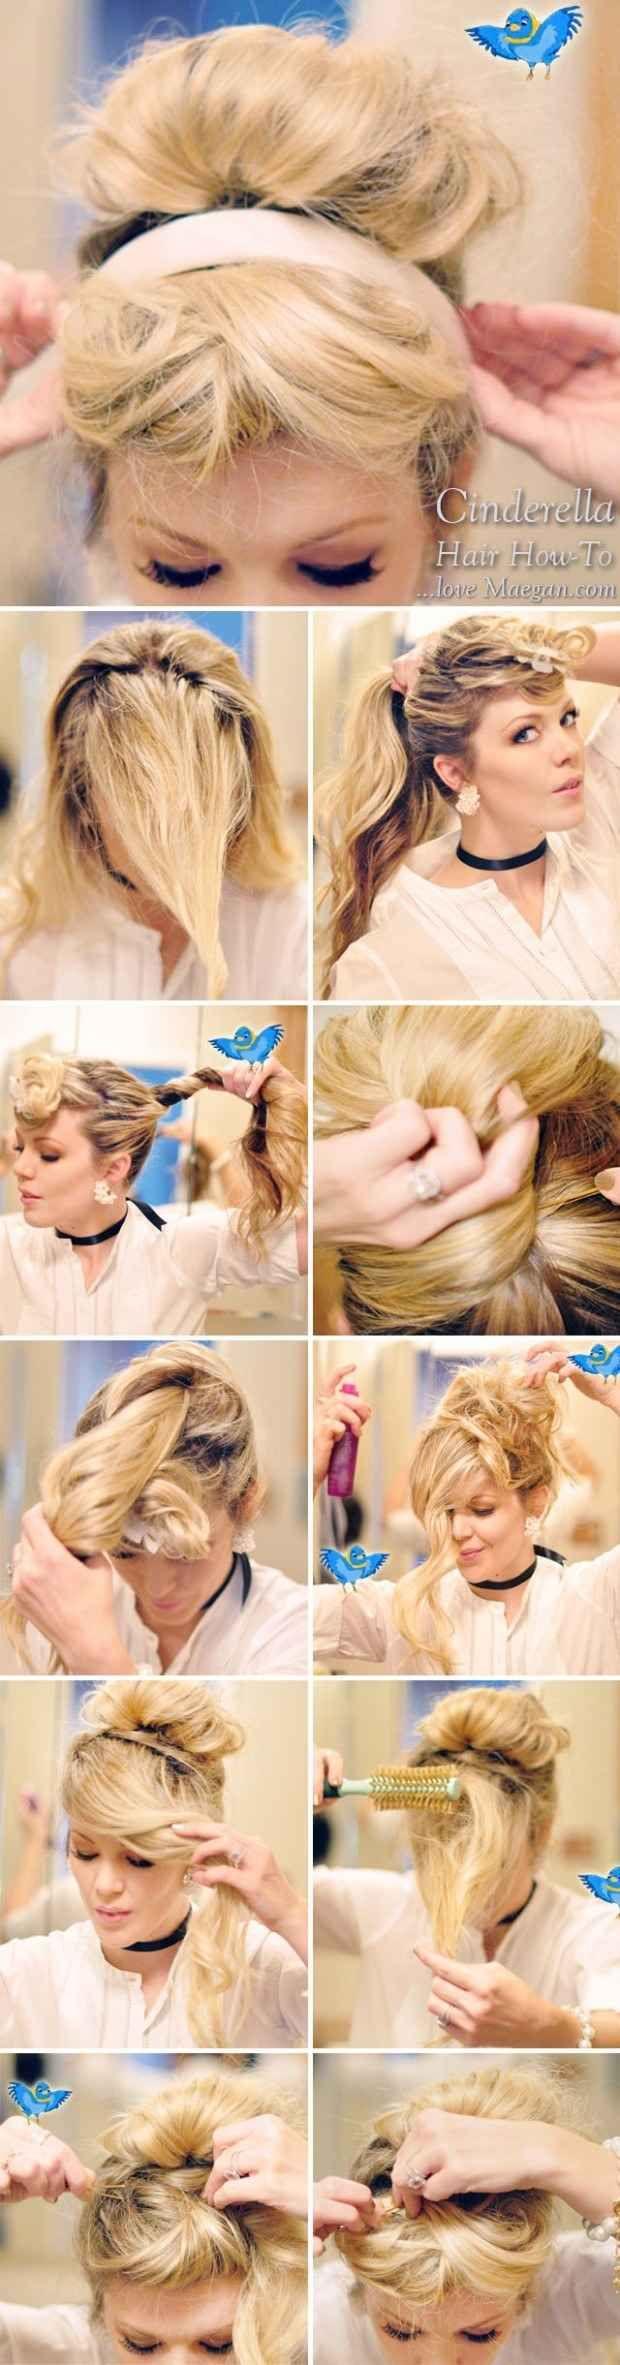 Easy Disney princess hair